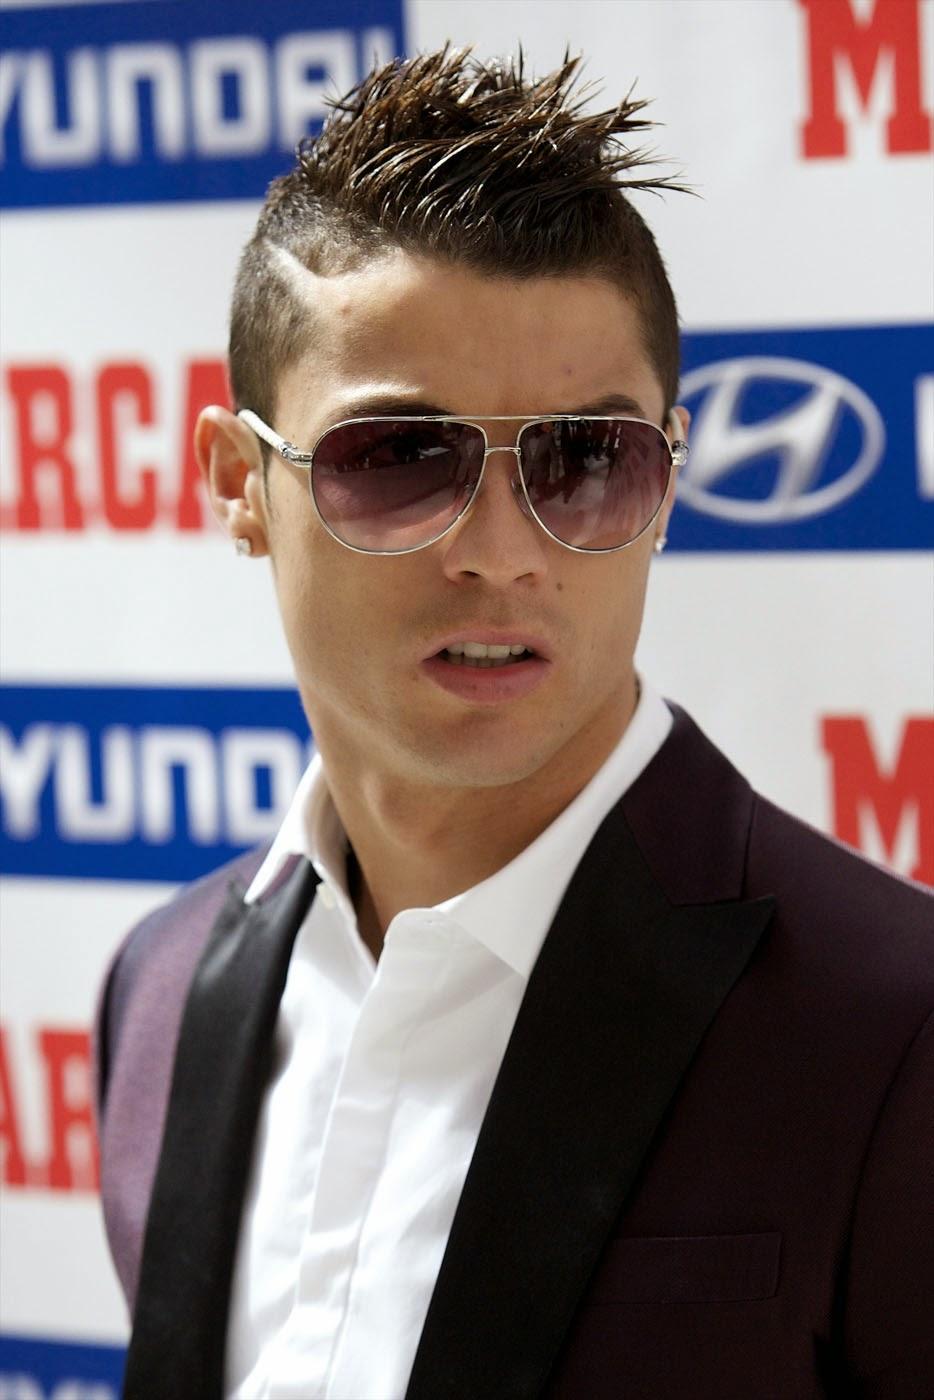 The poignant reason Cristiano Ronaldo doesn't have a tattoo